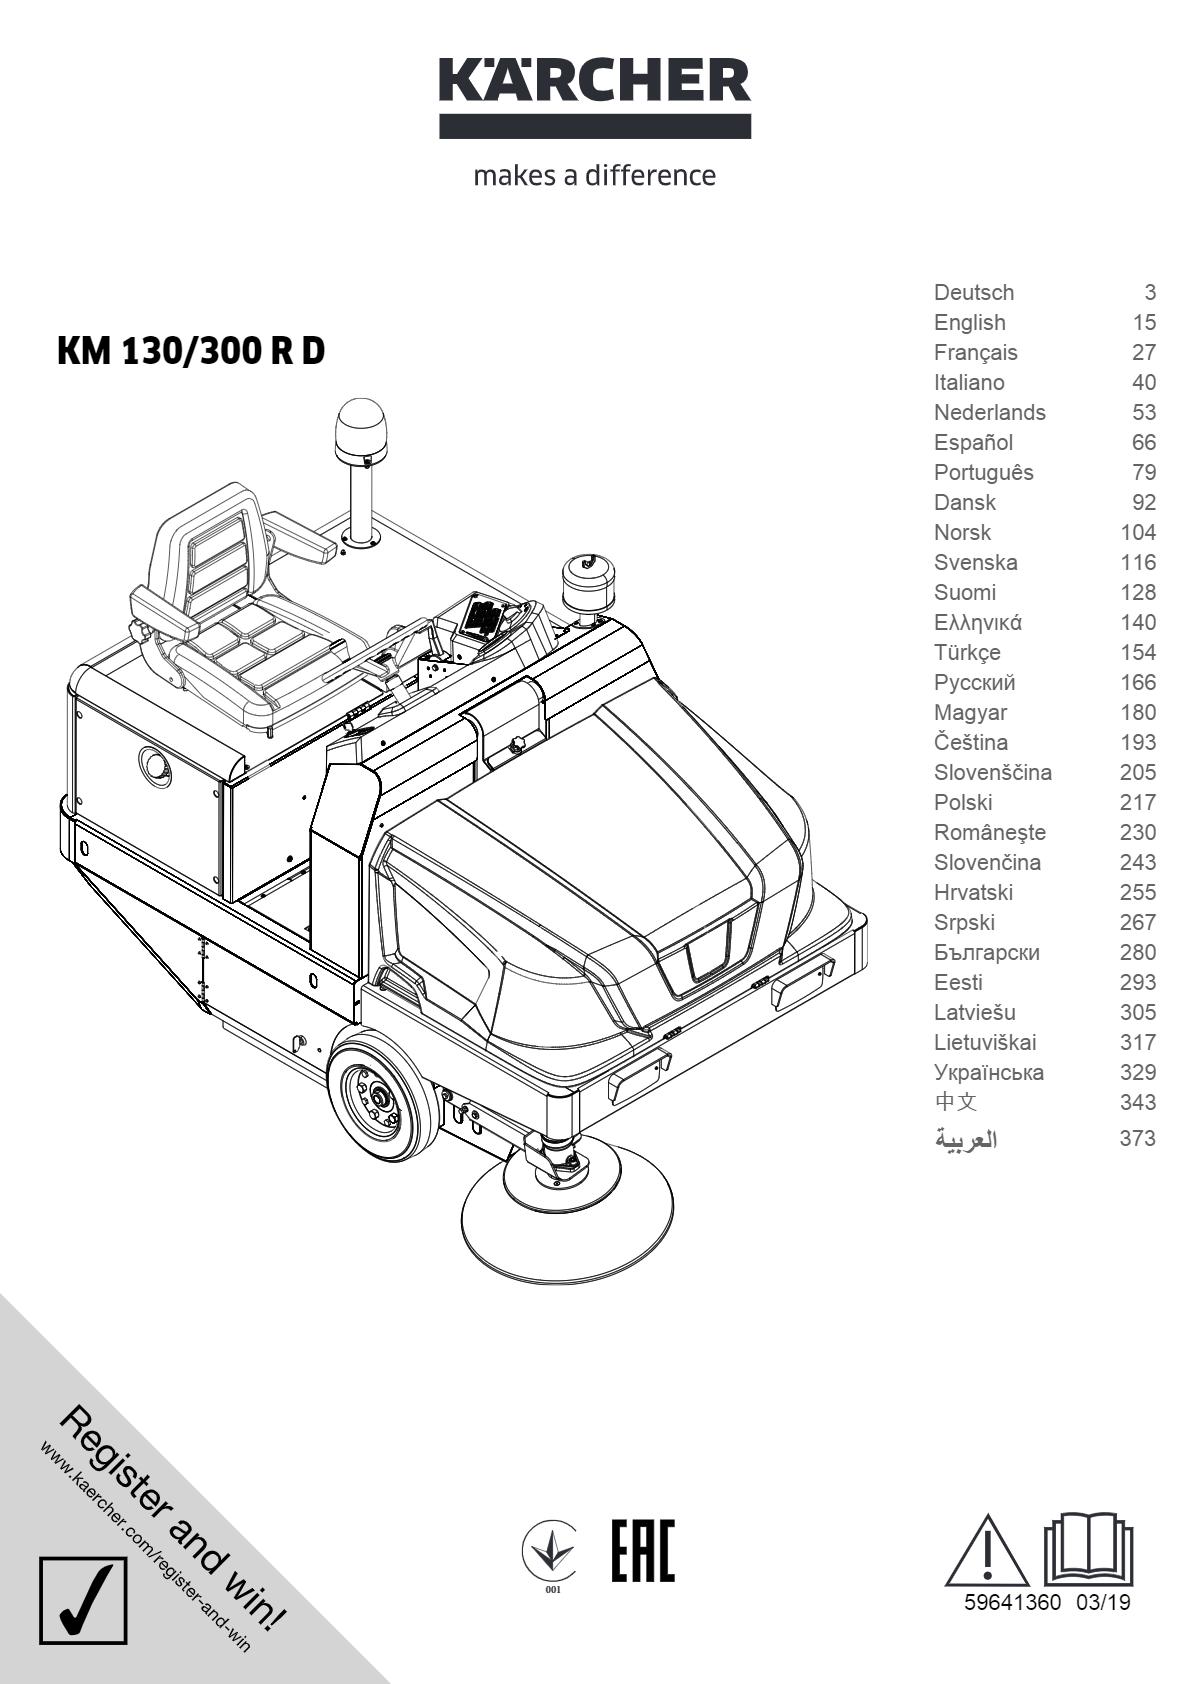 驾驶式真空扫地机 KM 130/300 R D 说明书说明书下载